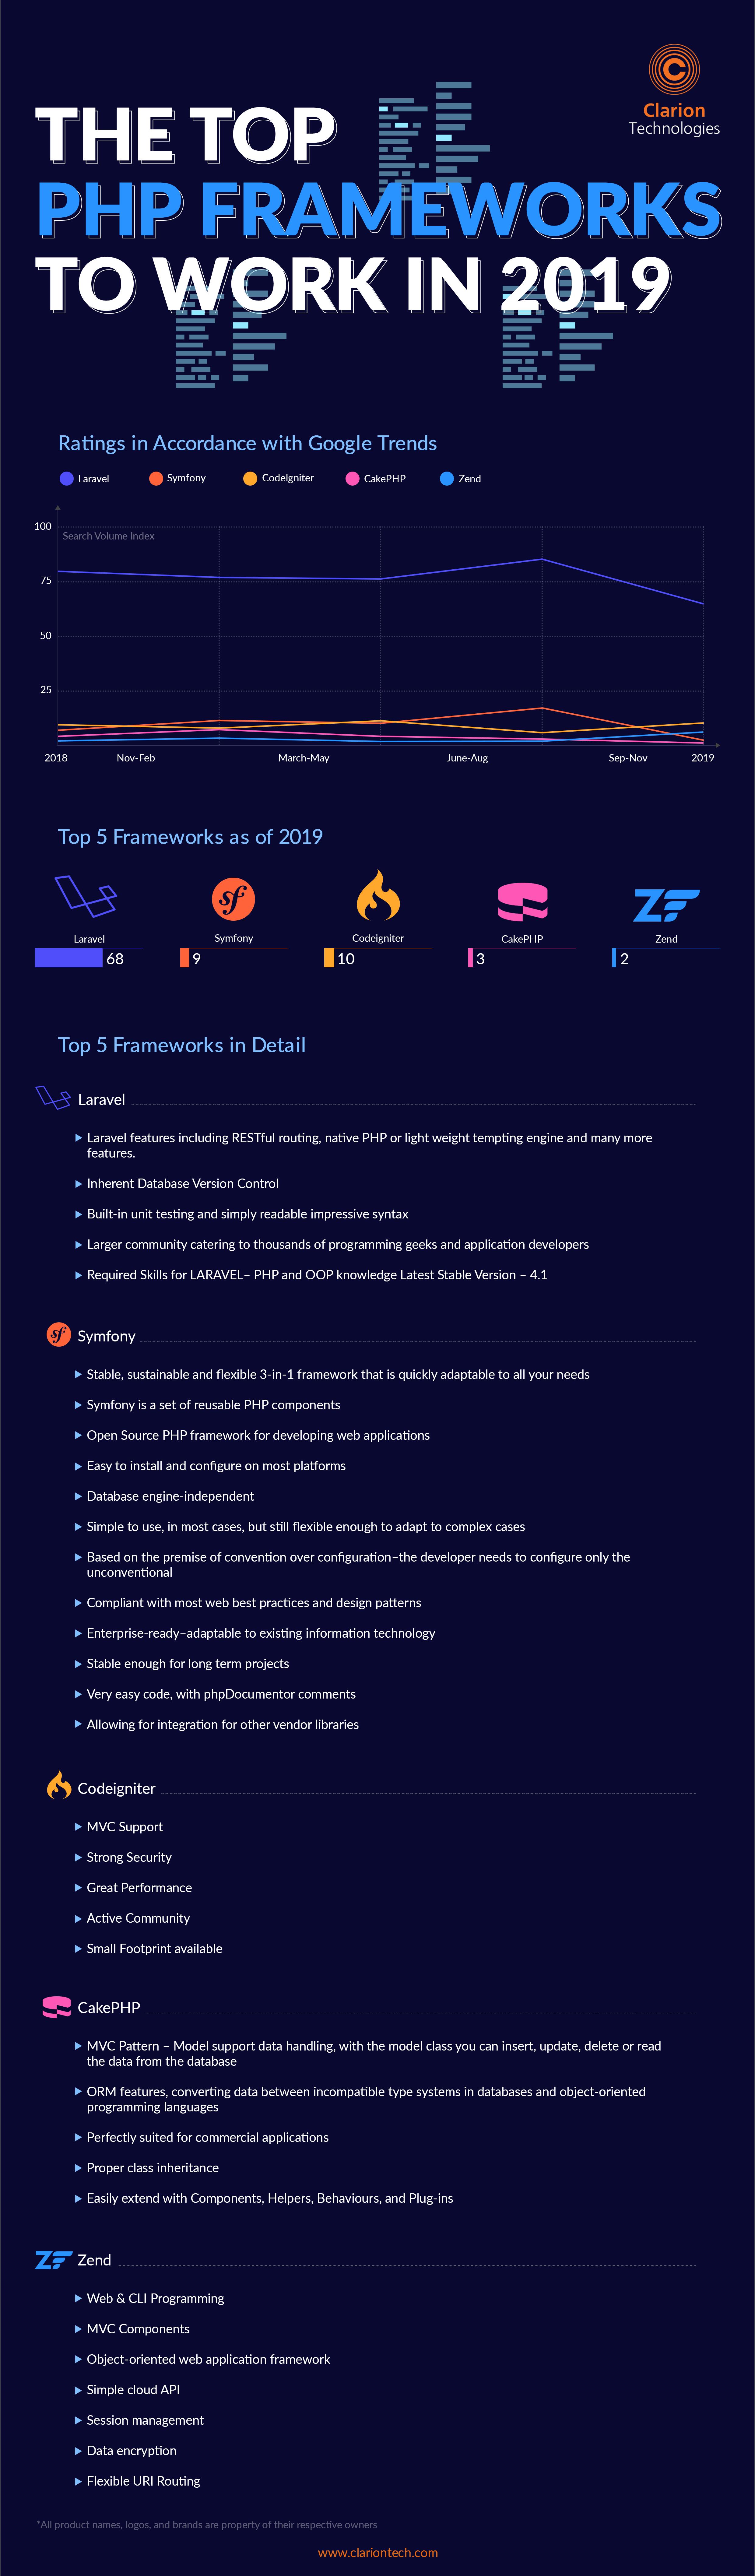 Top-PHP-Frameworks-2019-1